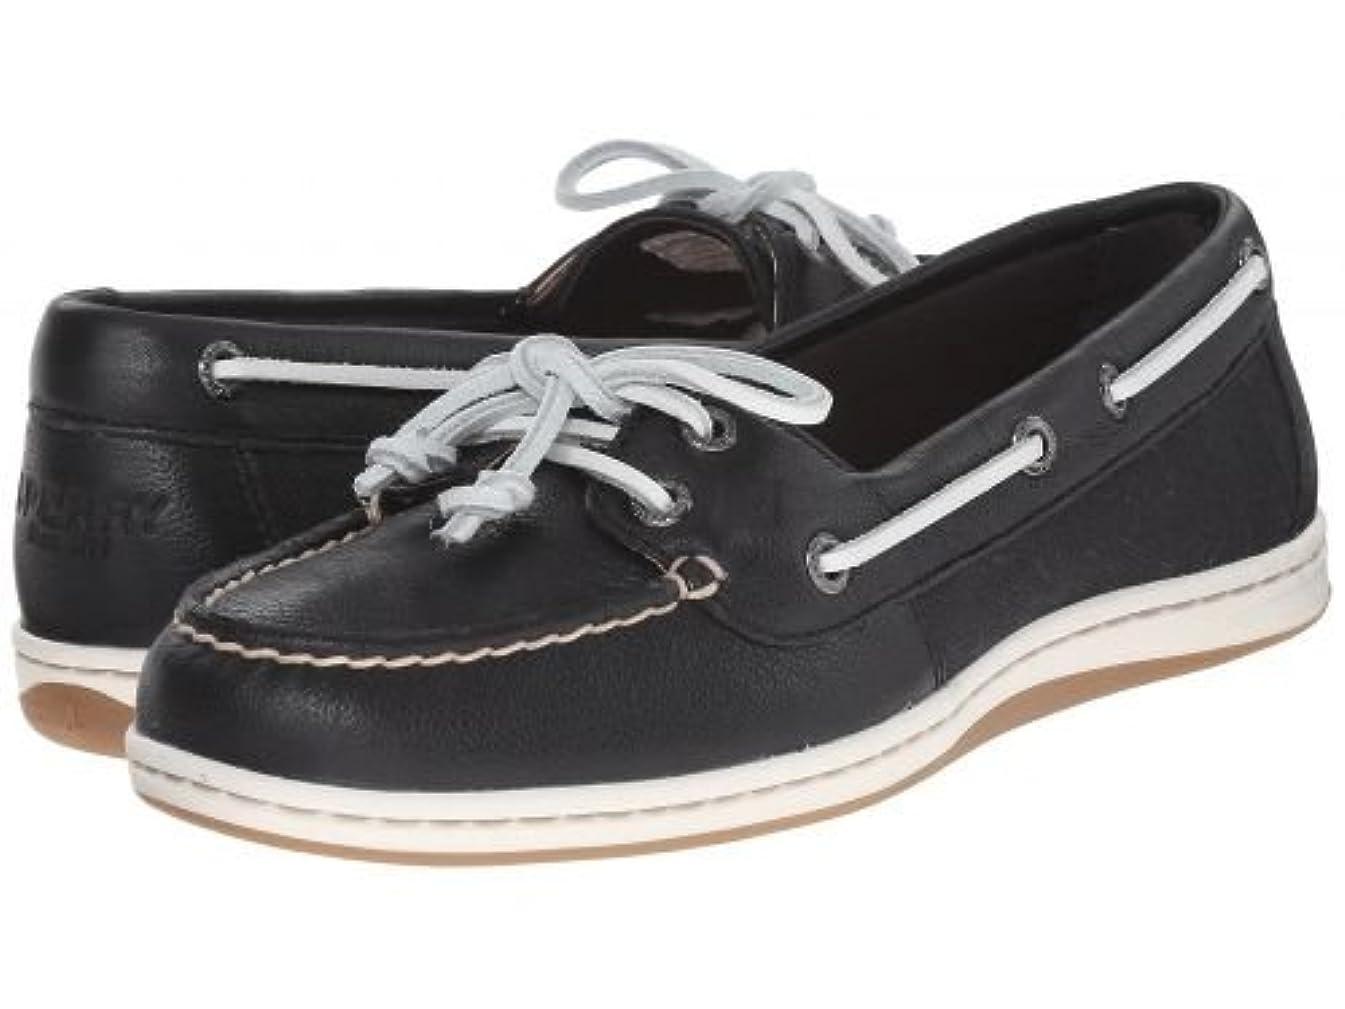 損傷良心的甲虫Sperry(スペリー) レディース 女性用 シューズ 靴 ボートシューズ Firefish Core - Black/White 6 M (B) [並行輸入品]